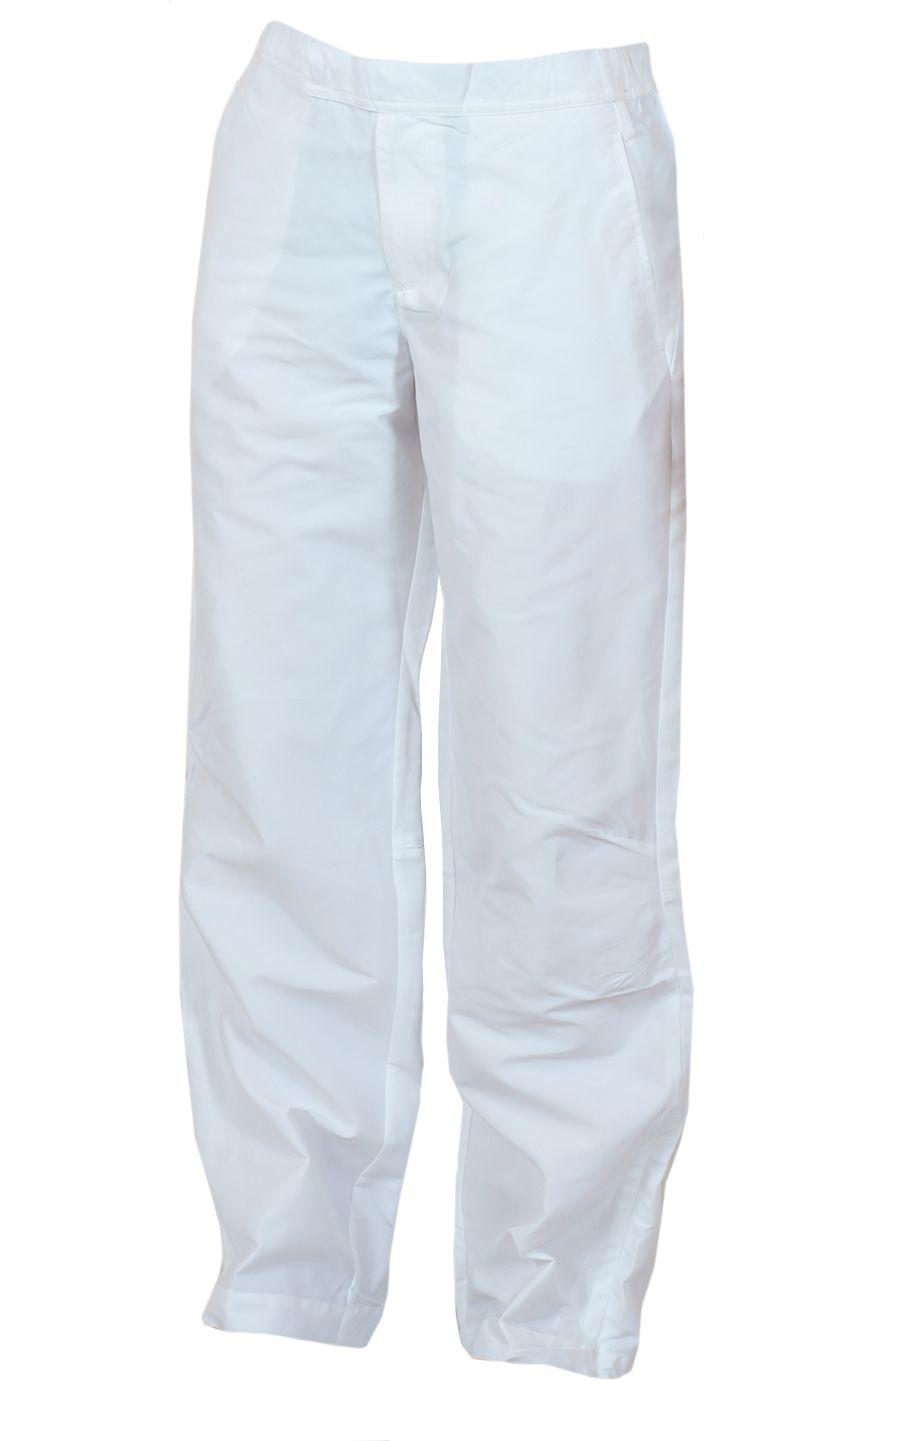 Модные спортивные брюки для женщин